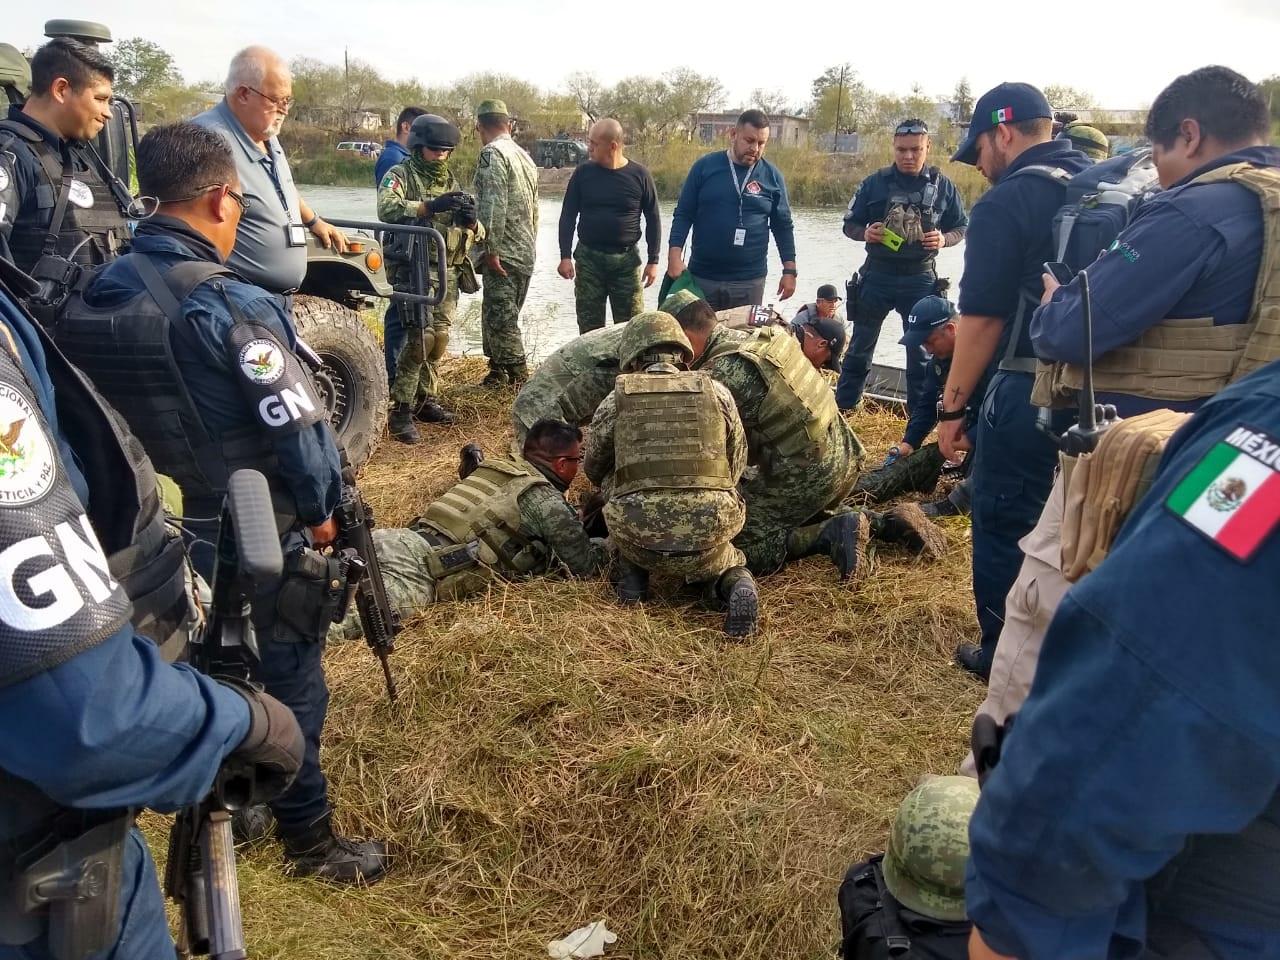 Mueren ahogados cuatro militares al caer su vehiculo a un canal durante una persecución en Tamaulipas